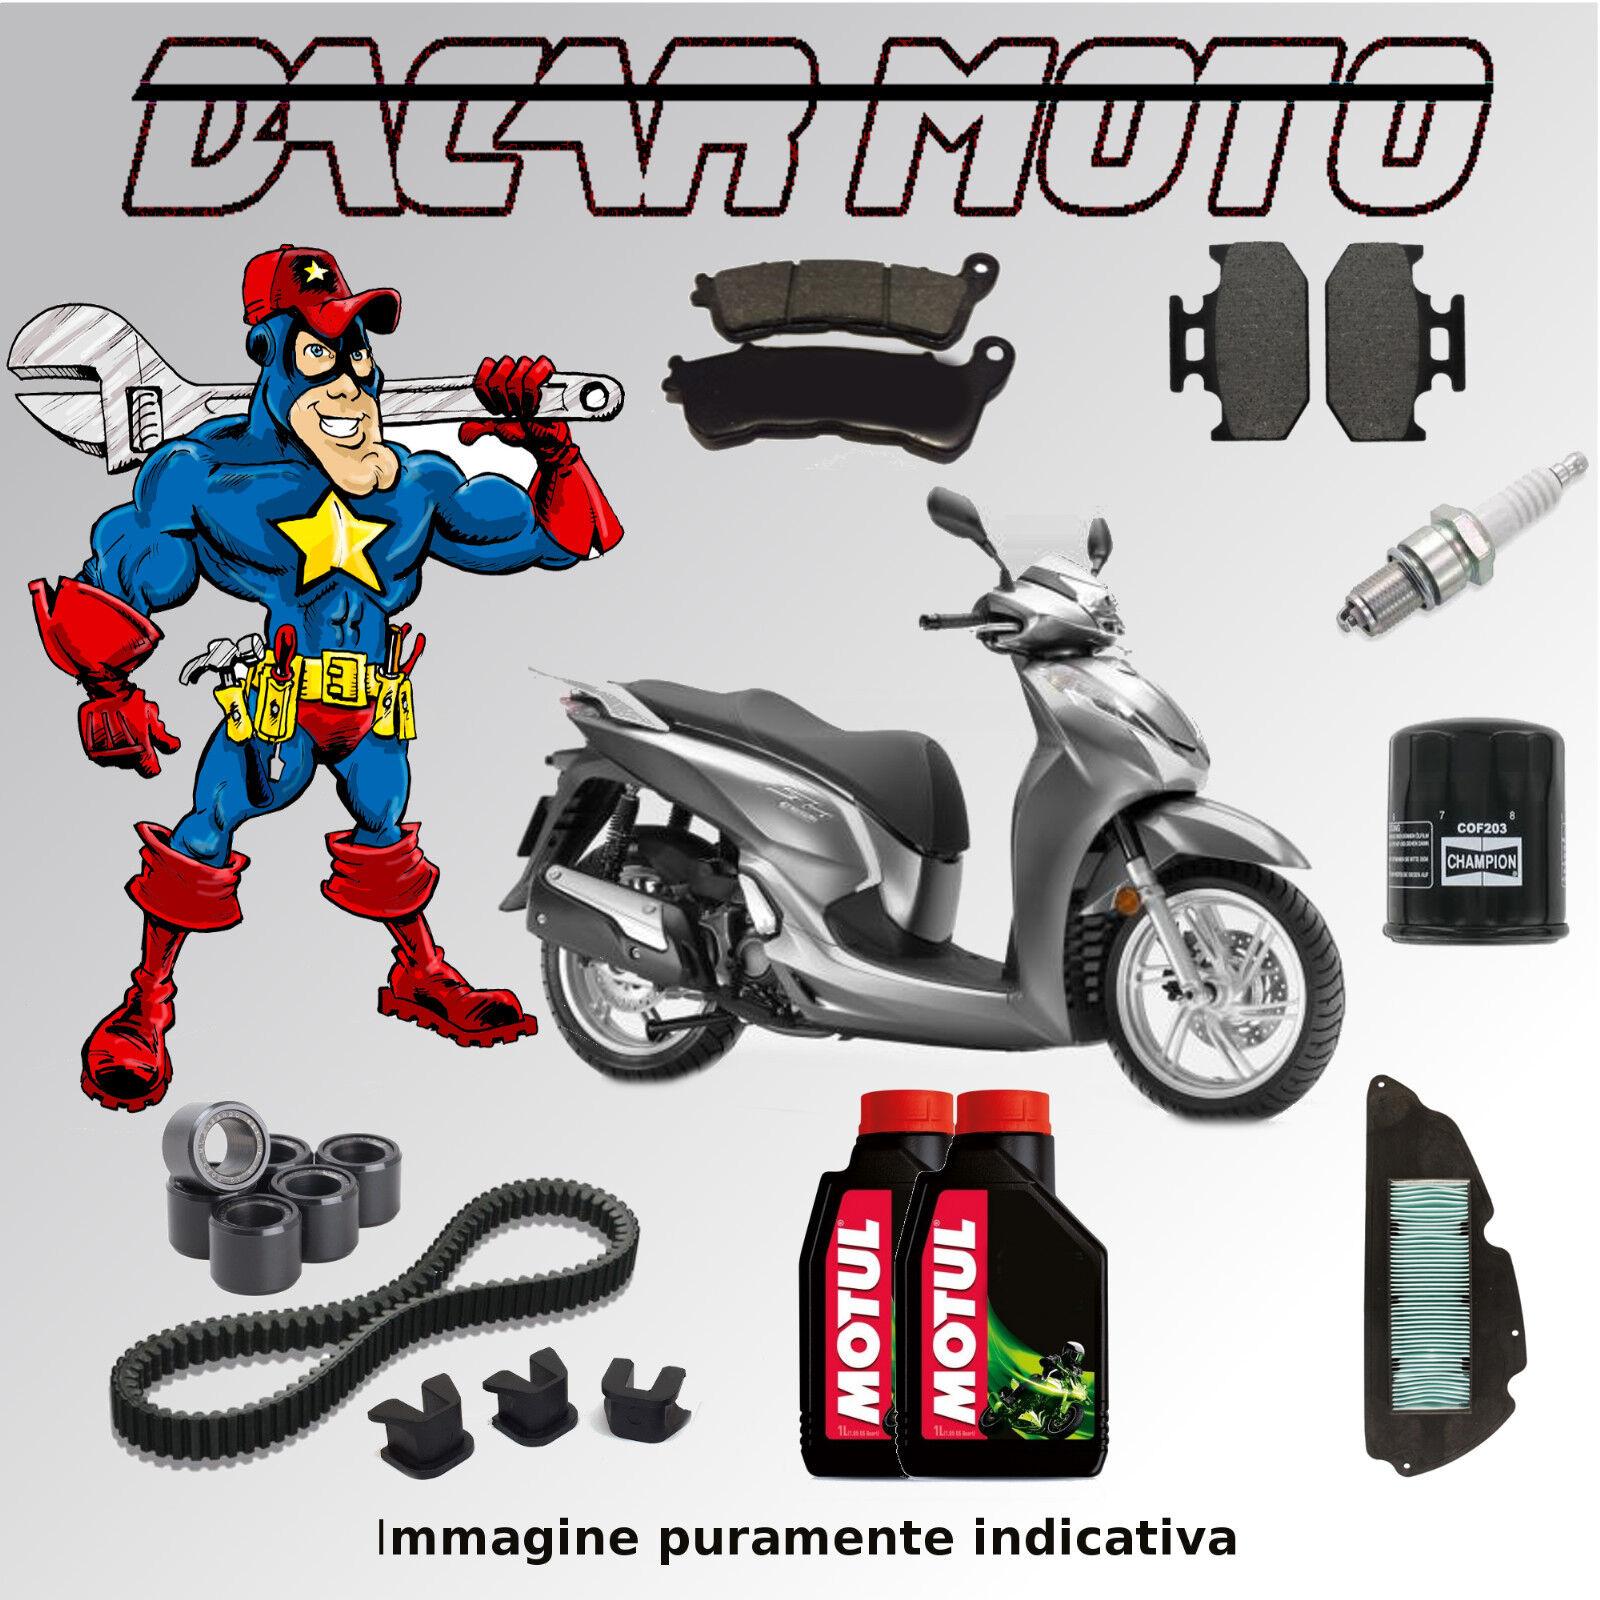 Kit Servicio Honda Sh 300i ABS 2007 2008 2009 2010 2011 2012 2013 2014 2015